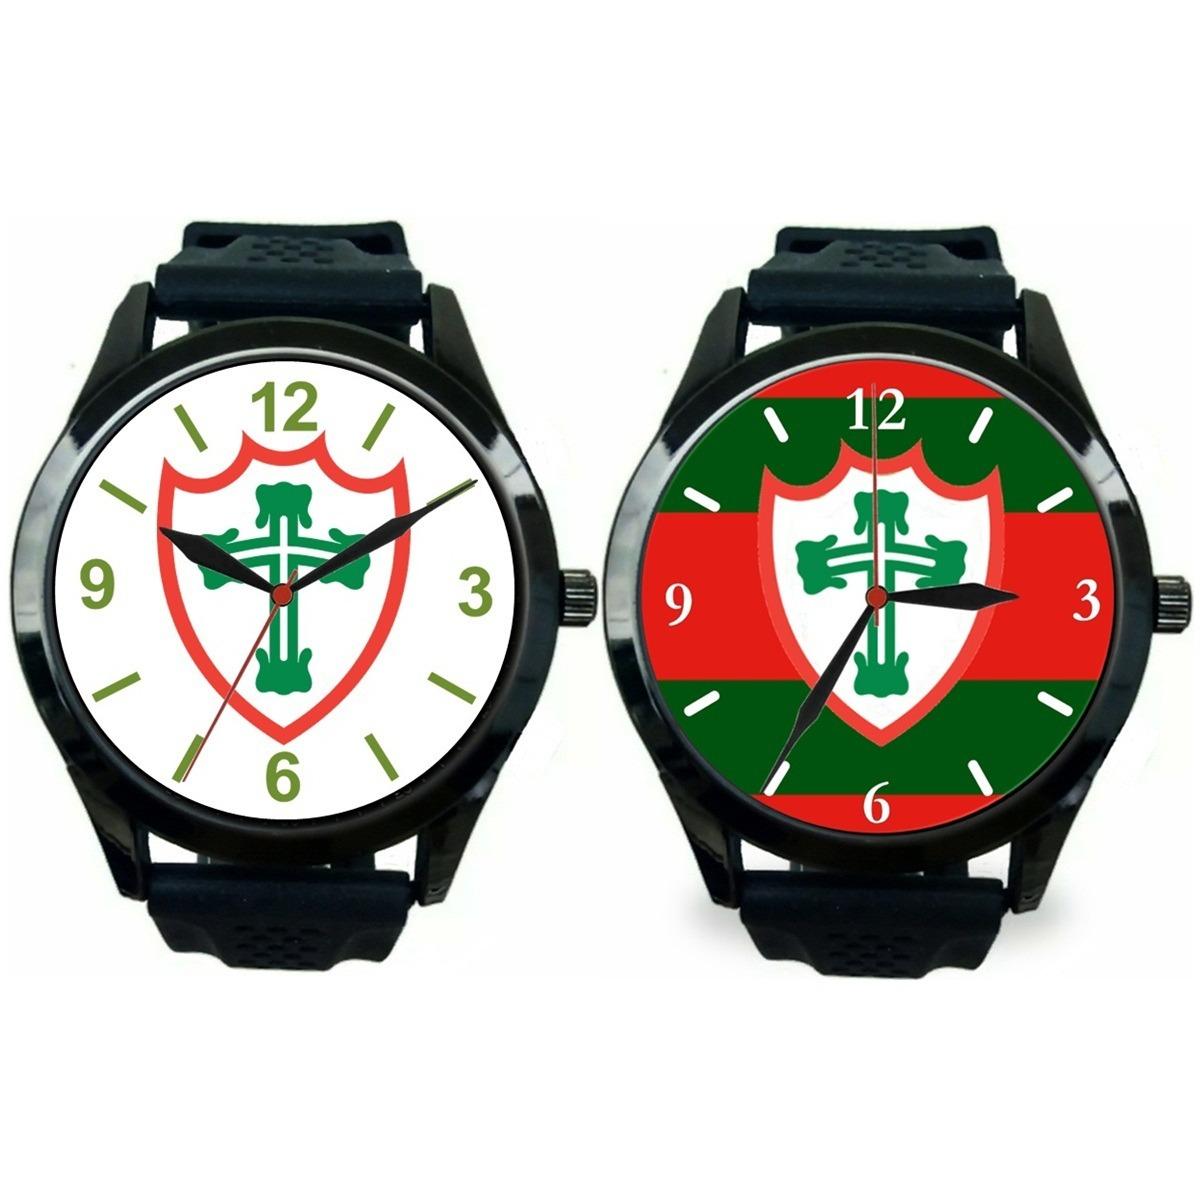 088f01eaa90 kit 2 relógio pulso portuguesa desportos sp masculino novo. Carregando zoom.